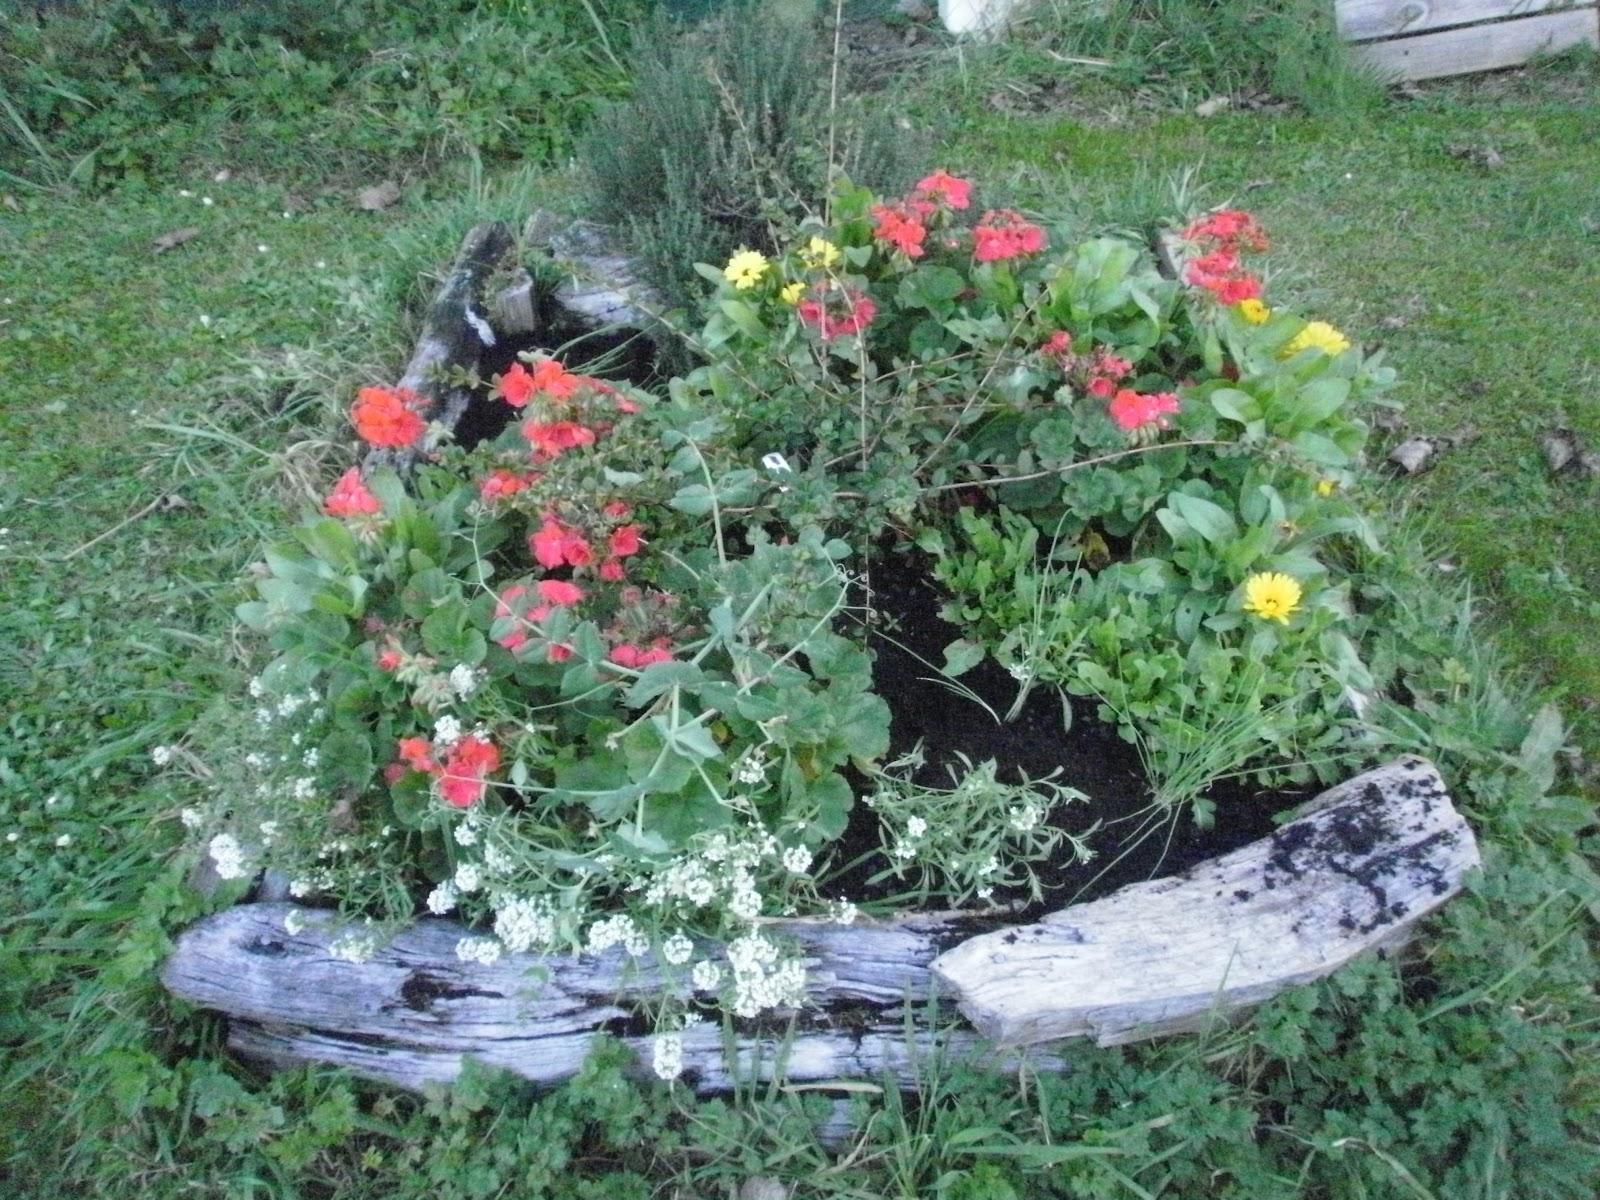 http://2.bp.blogspot.com/-RtBfa-eoj5Q/T5-Tnpkh2mI/AAAAAAAAB_k/UjmweRInhmg/s1600/P4260333.JPG